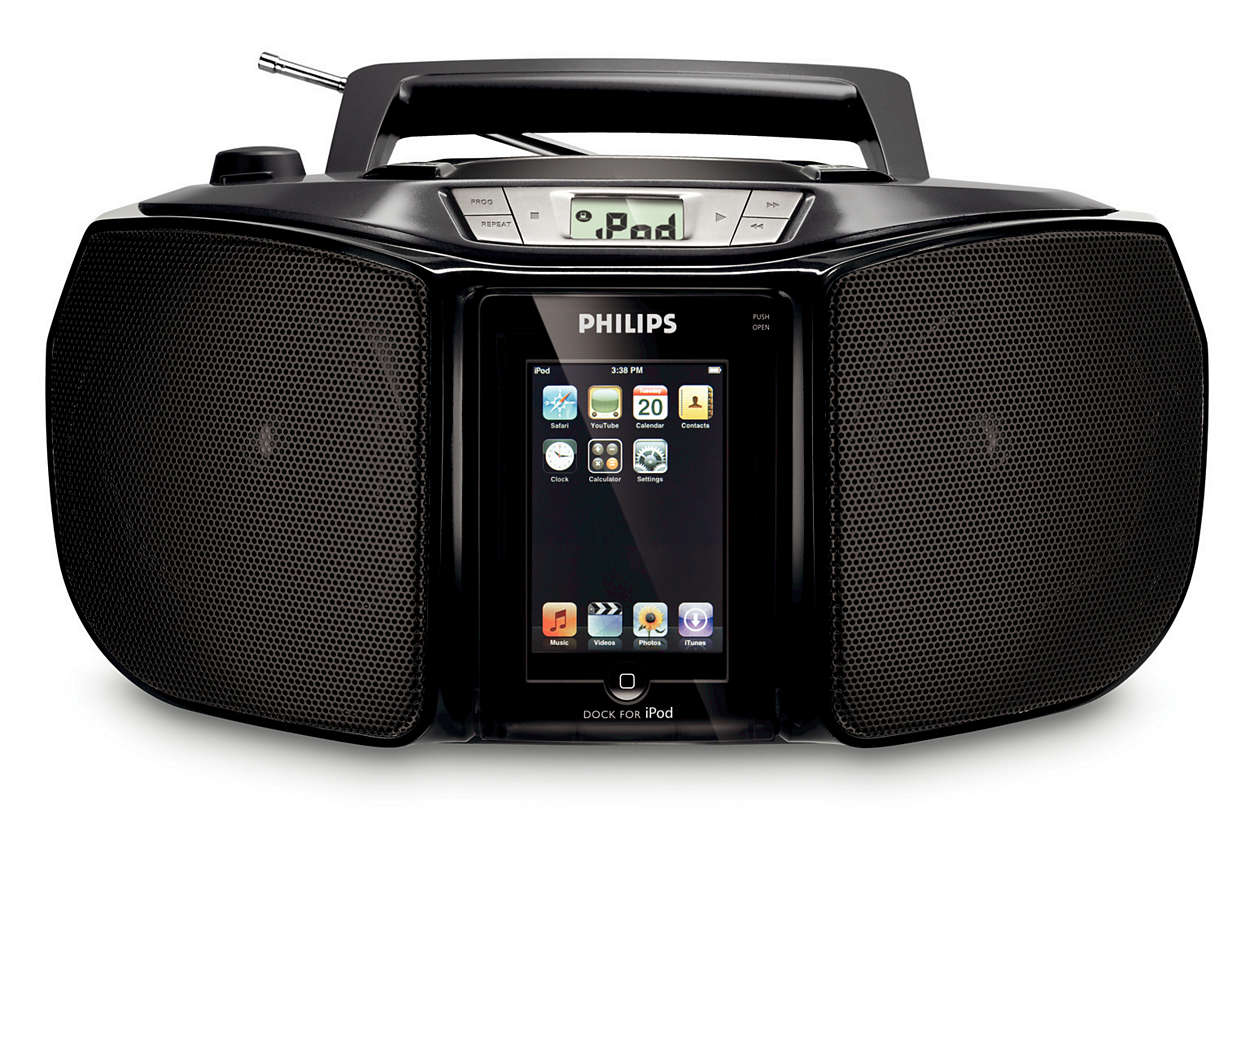 Vychutnajte si nahlas hudbu z iPod a CD kdekoľvek